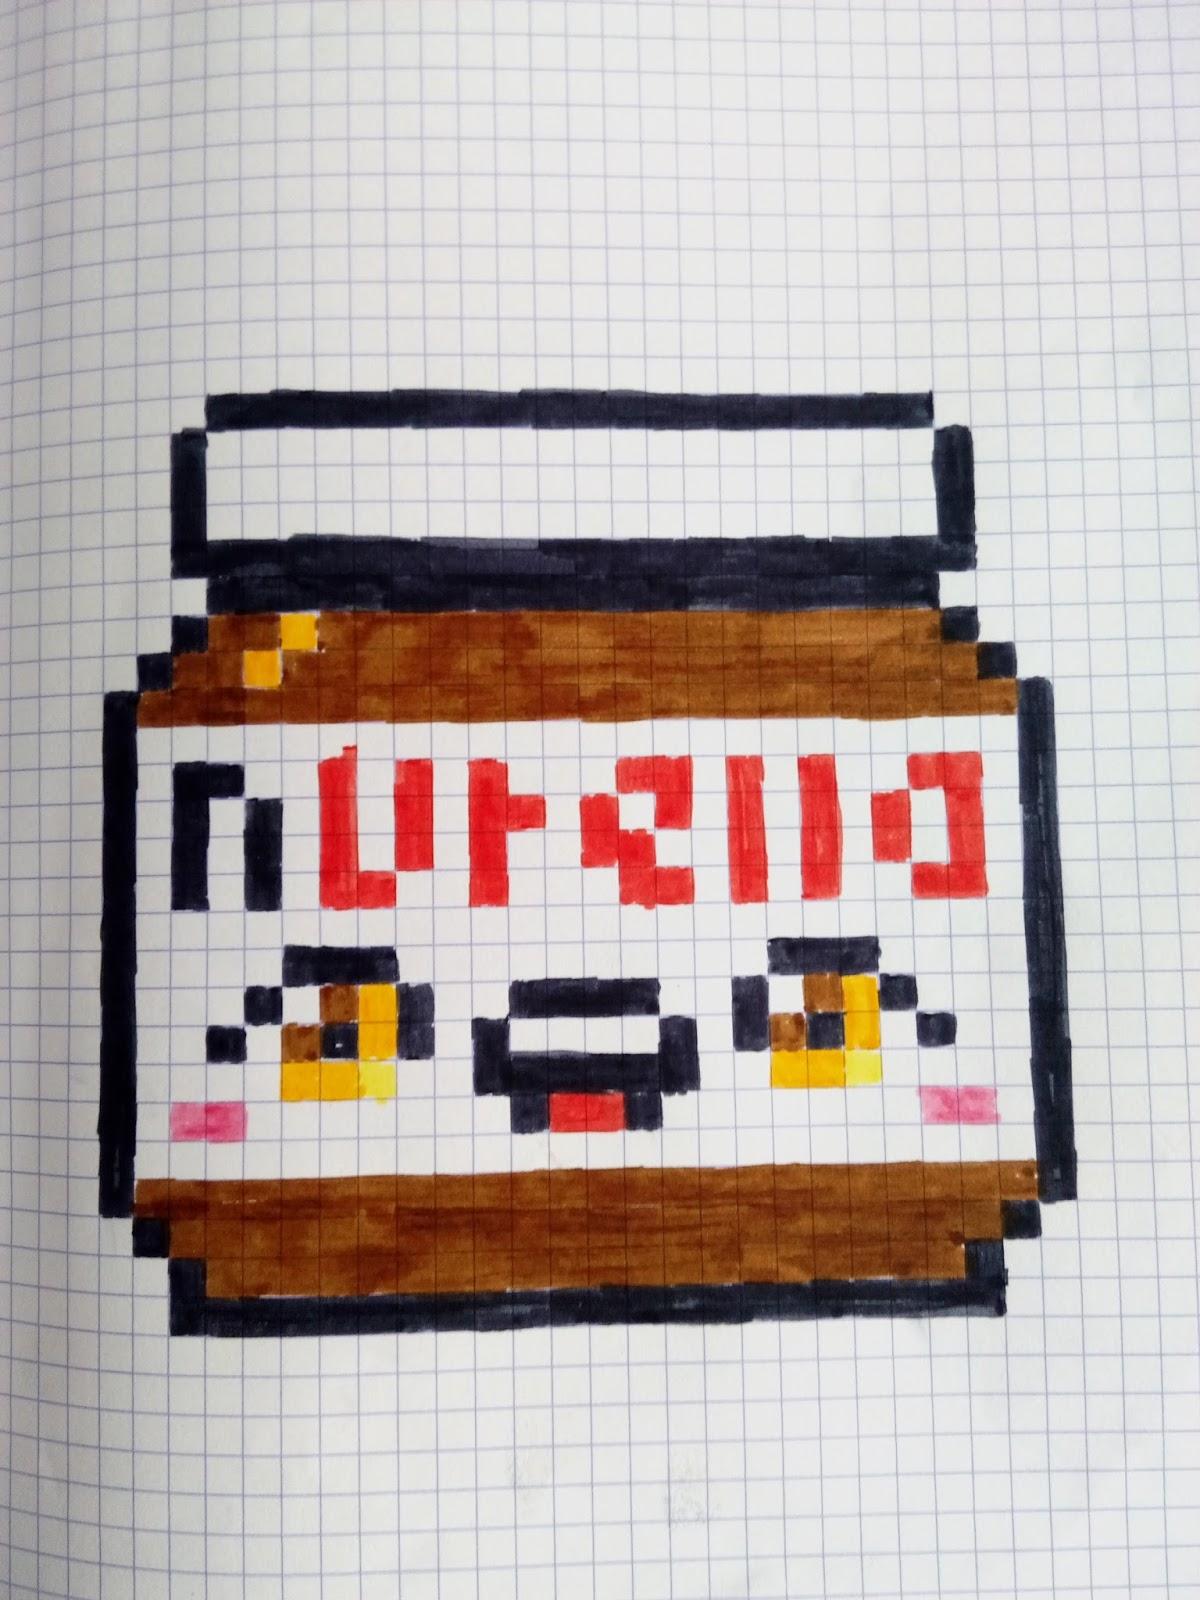 Drawn pixel art nutella #11